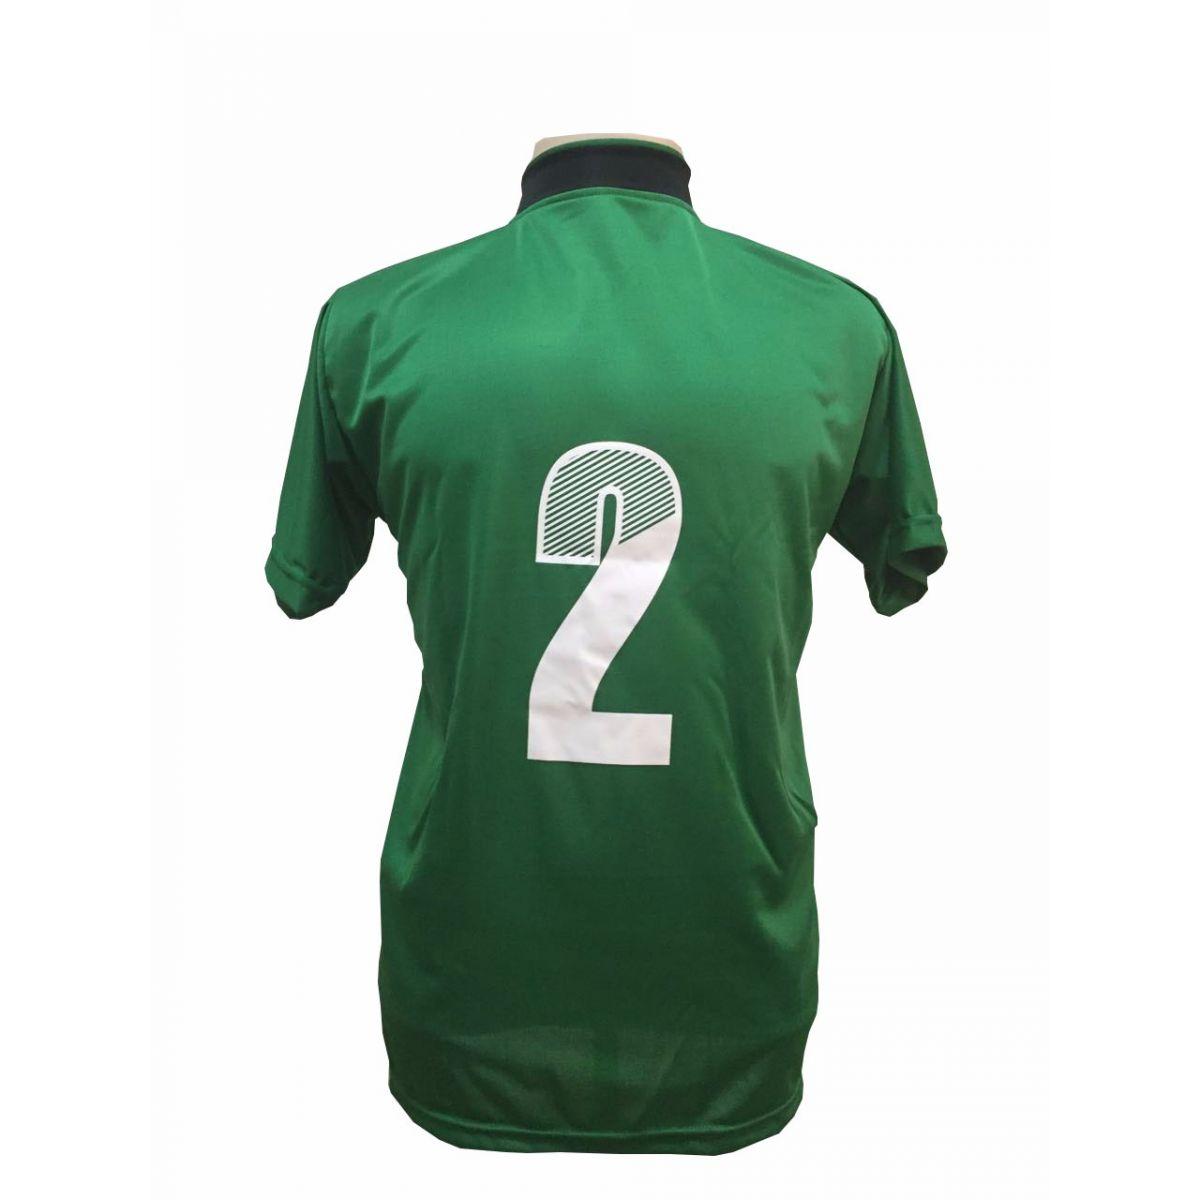 Uniforme Esportivo Completo modelo Palermo 14+1 (14 camisas Verde/Preto + 14 calções Madrid Preto + 14 pares de meiões Pretos + 1 conjunto de goleiro) + Brindes